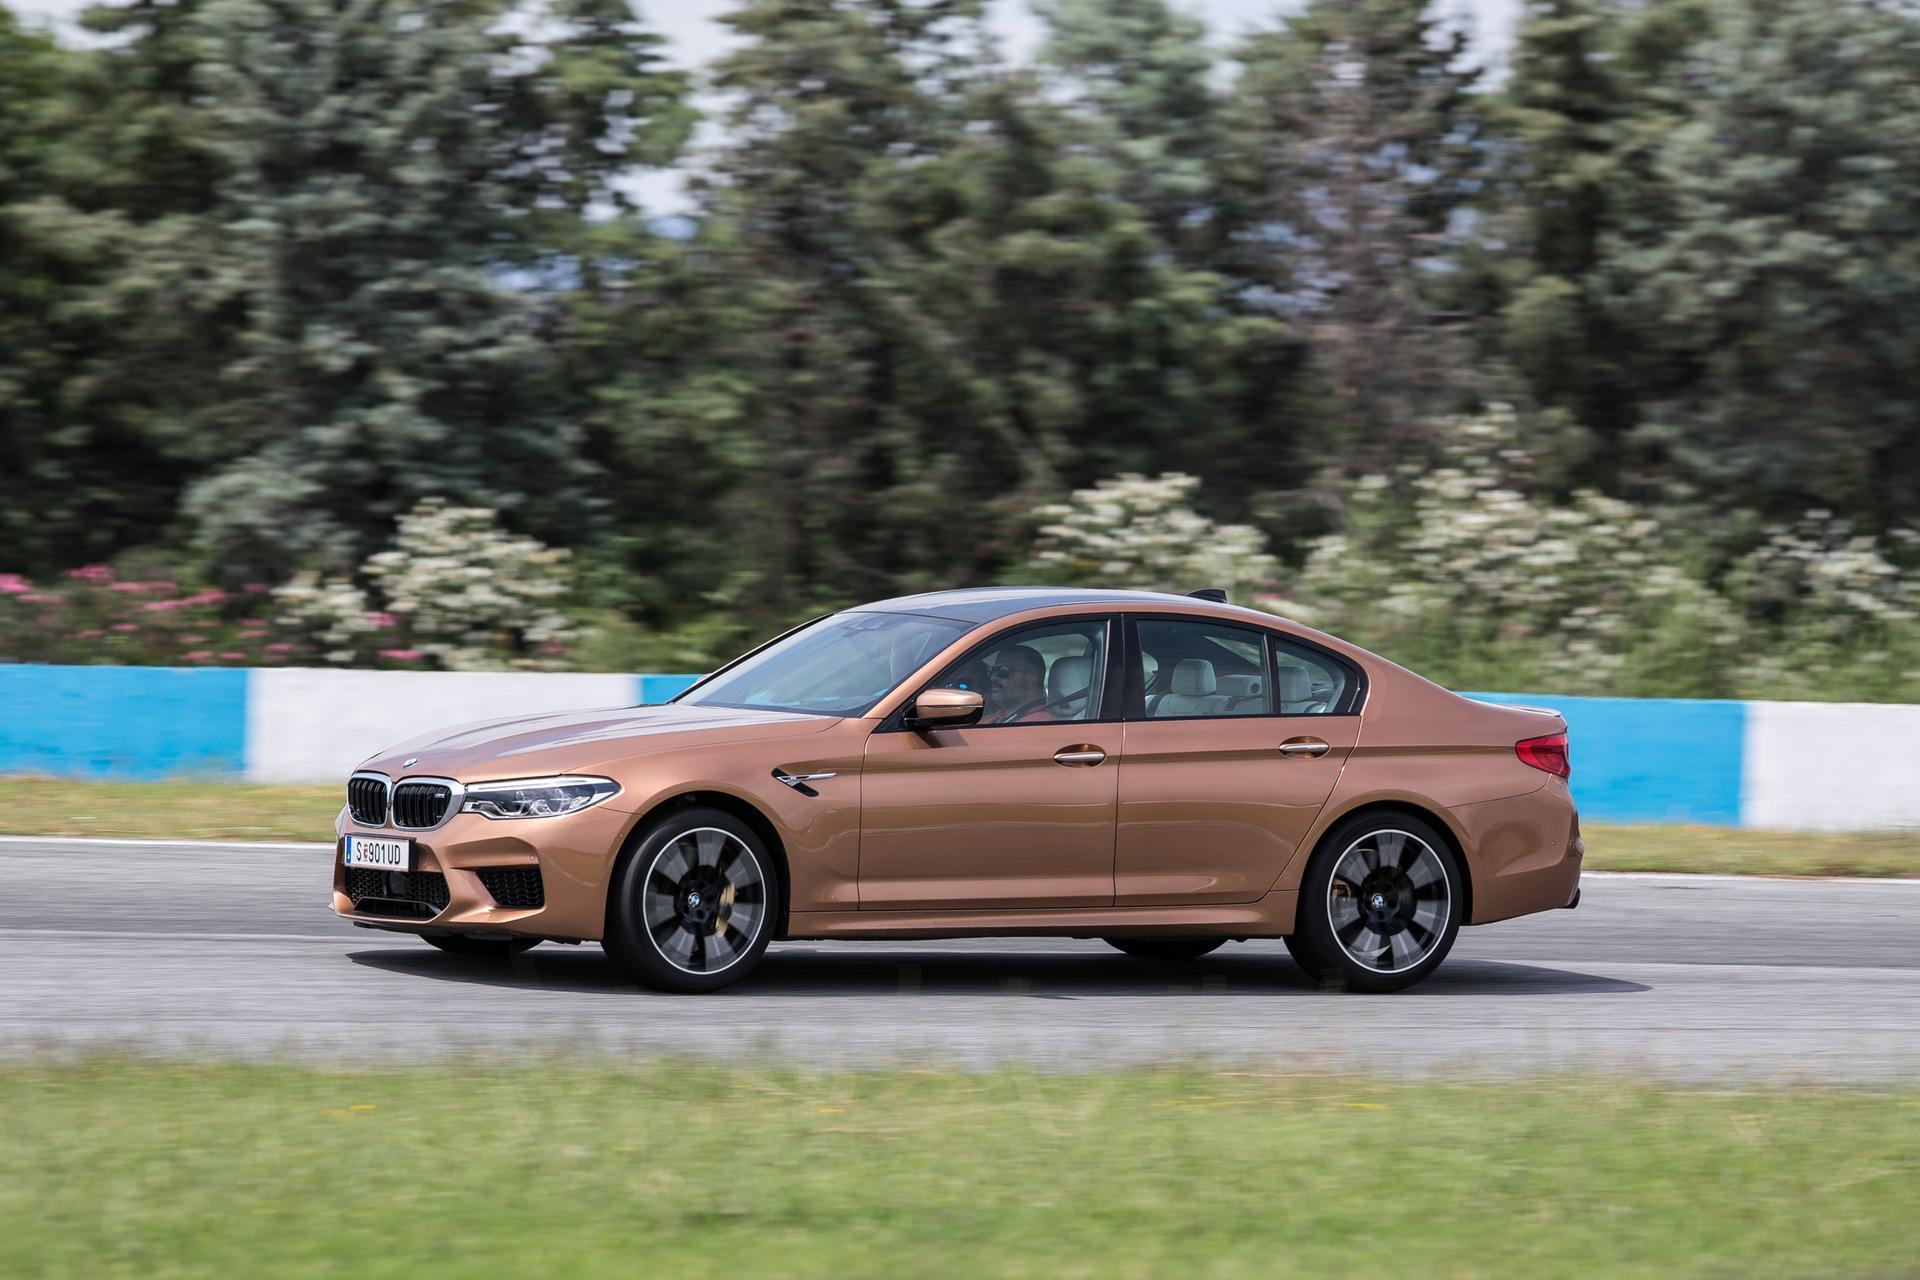 BMW_M_Drive_Tour_0236